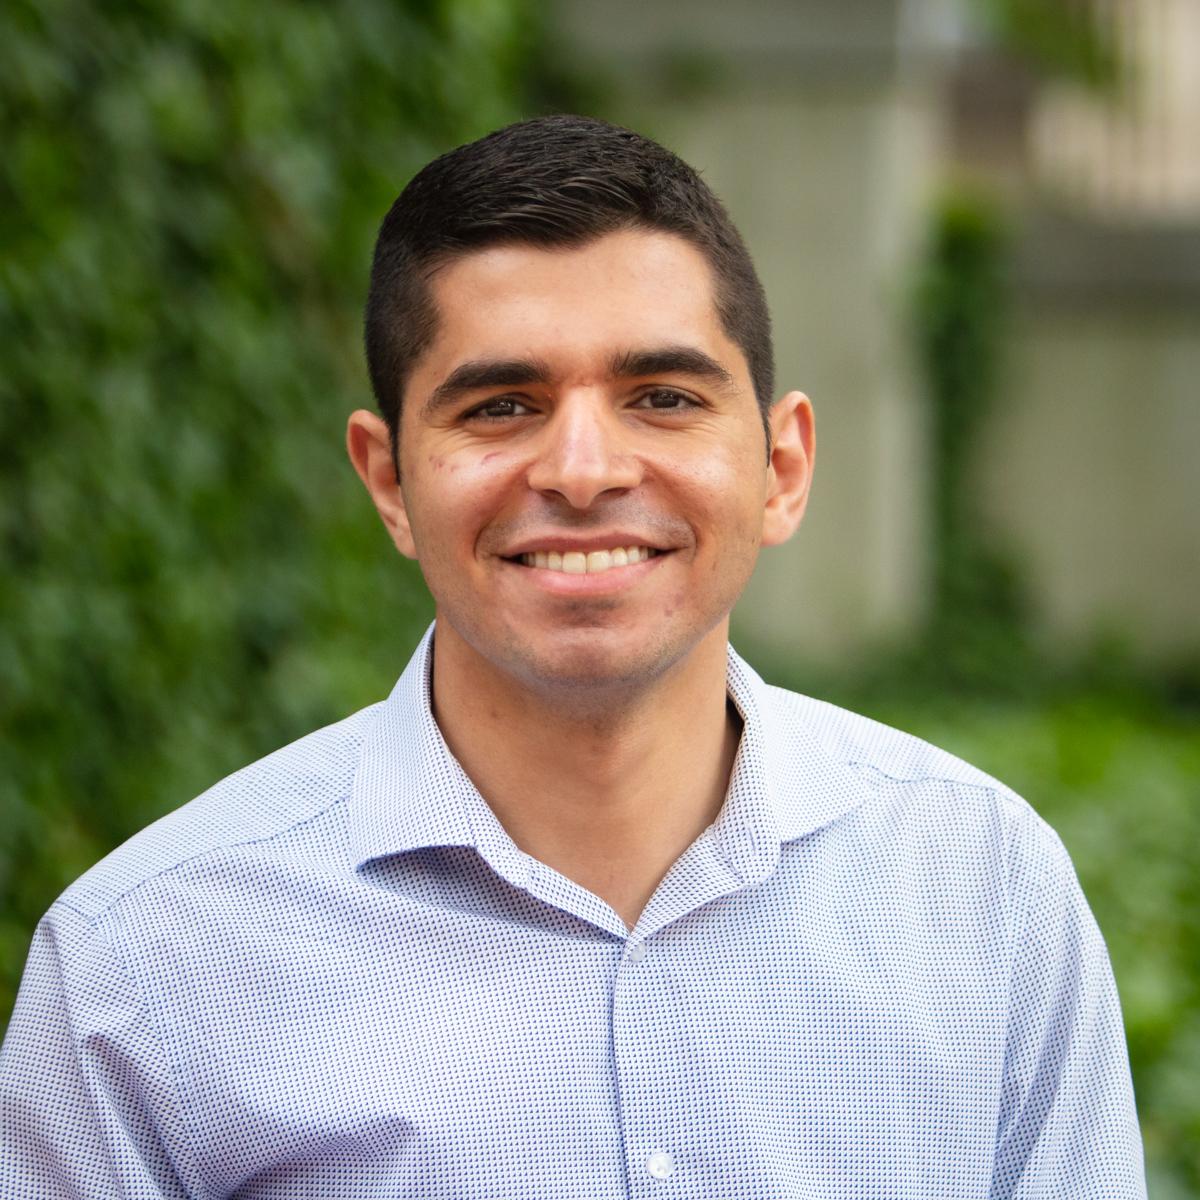 Portrait of Dr. Abdallah Elsayed